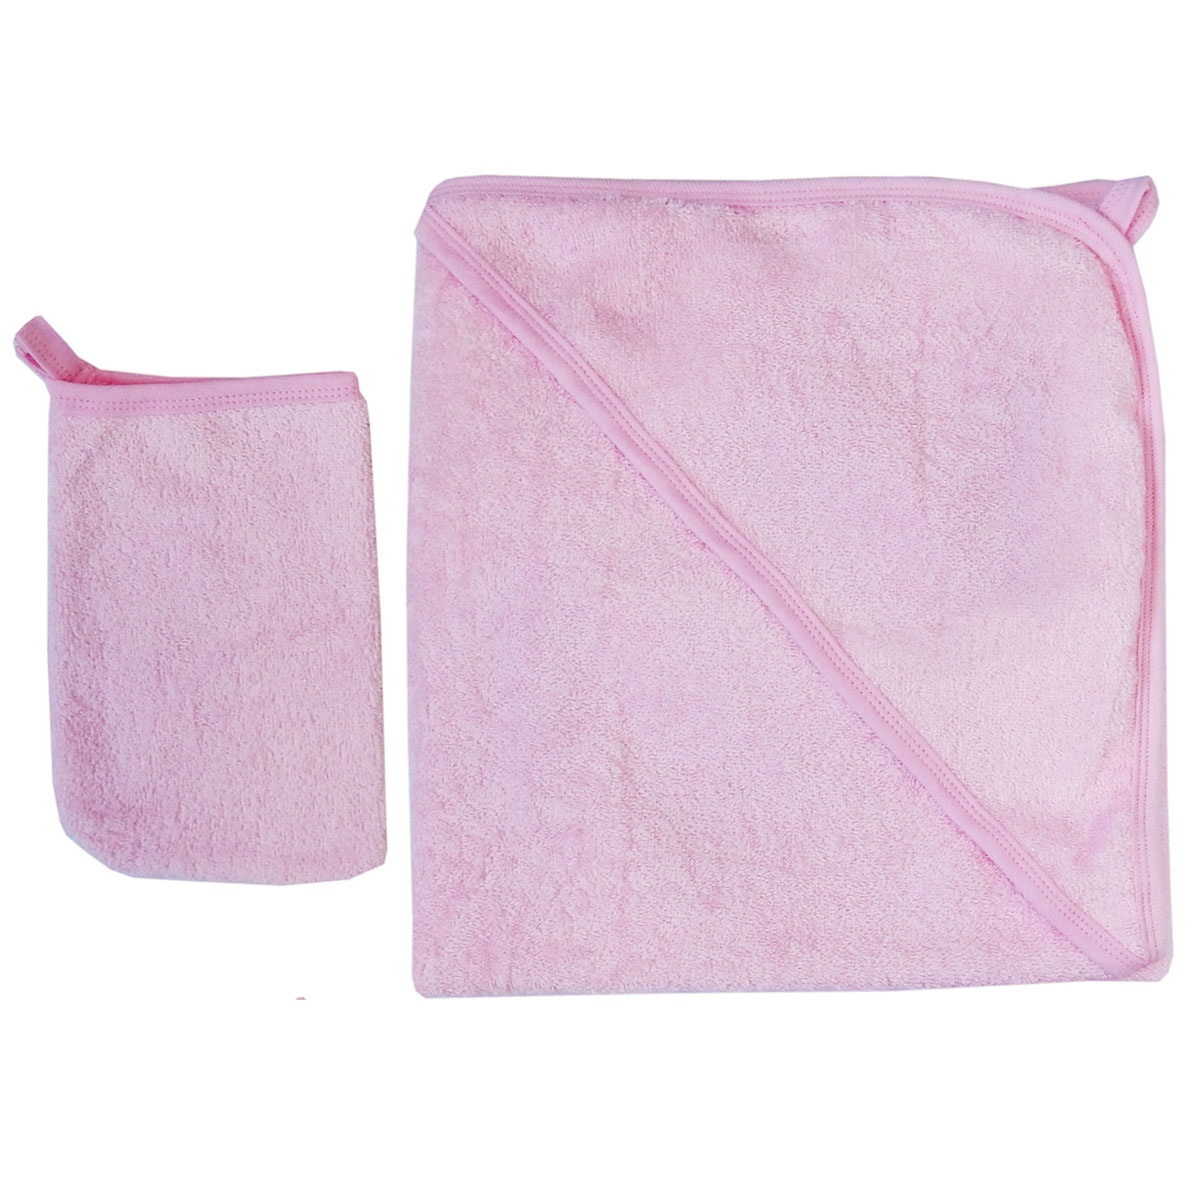 Комплект для купания Набор для купания 2 предмета 75х80 3015, розовый недорго, оригинальная цена